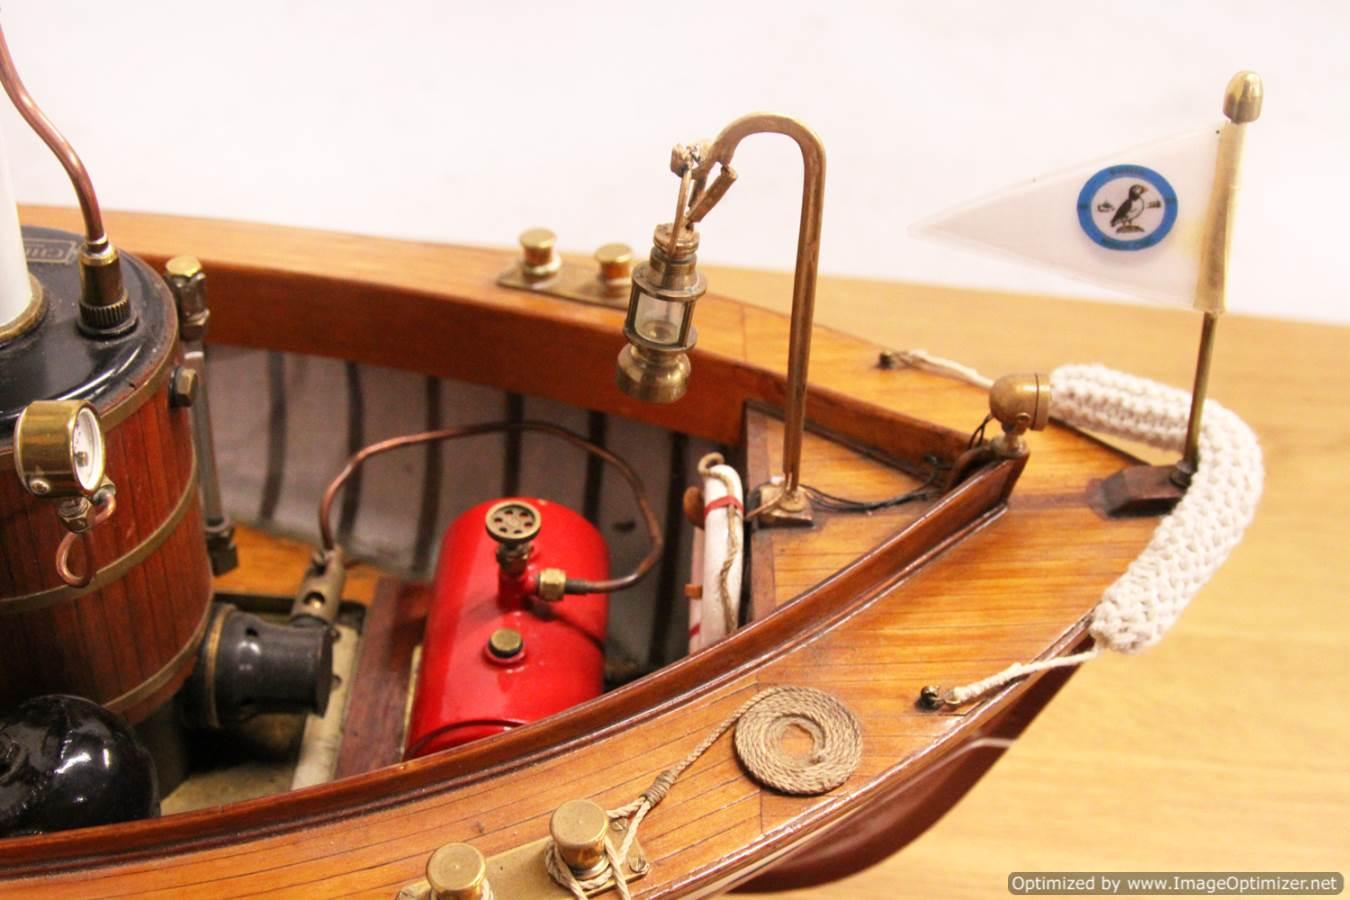 test bockrum-cheddar-steam-boat-live-steam-model-for-sale-11-optimized